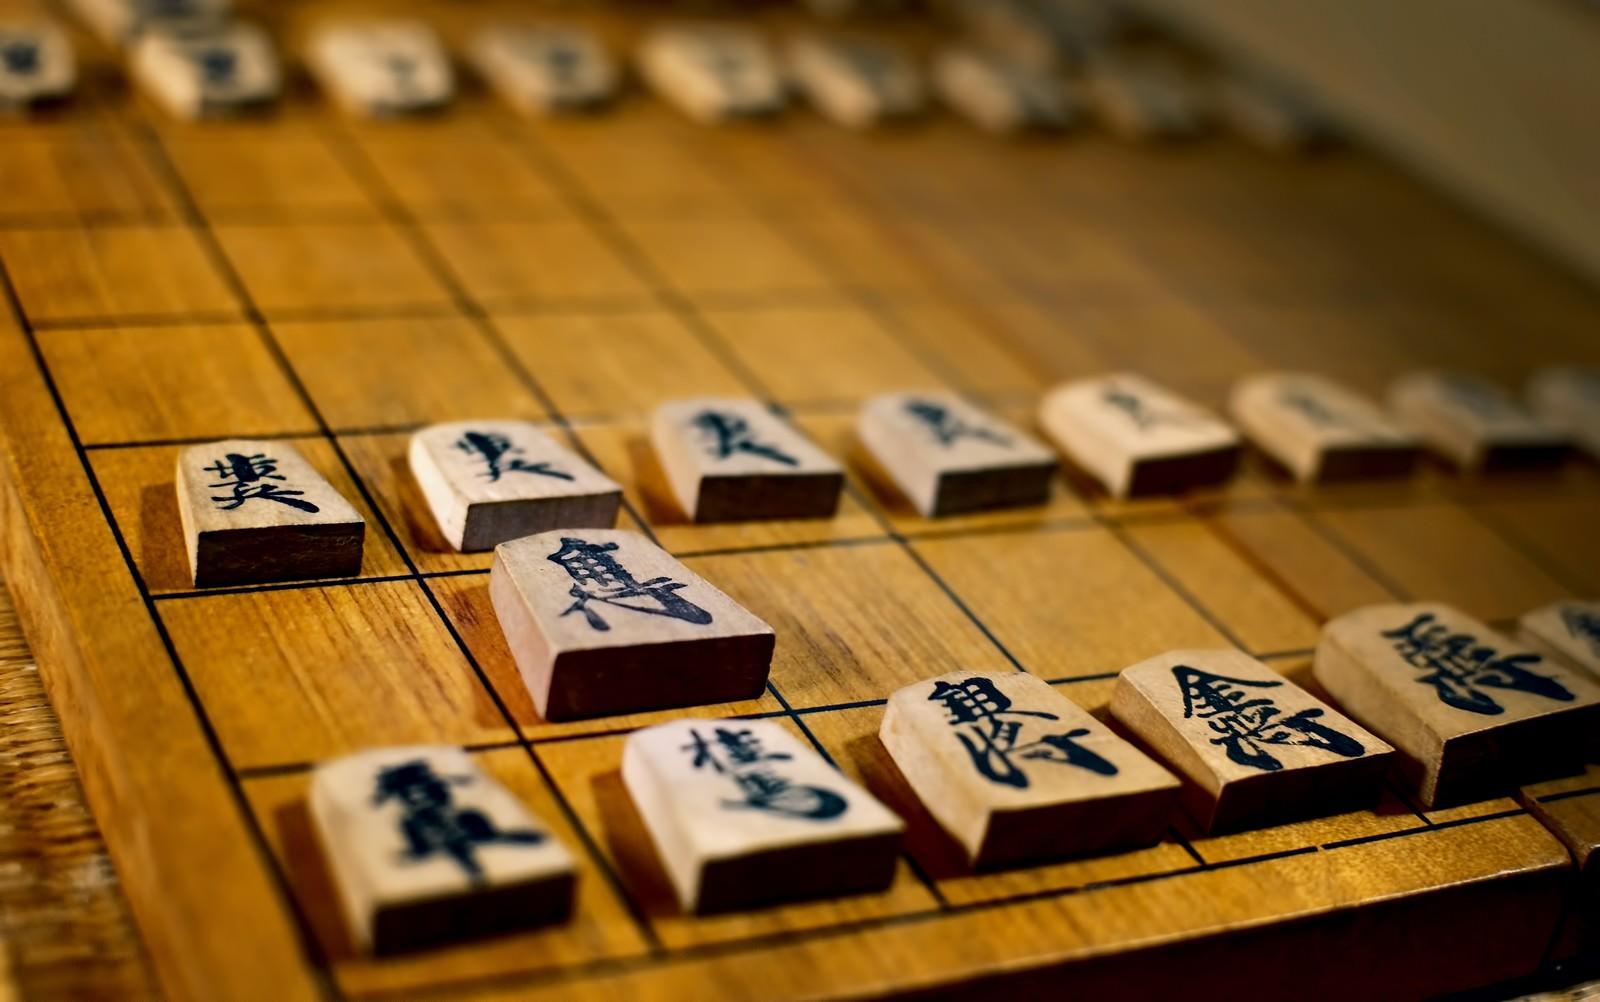 「古く使い込まれた将棋盤と駒」の写真